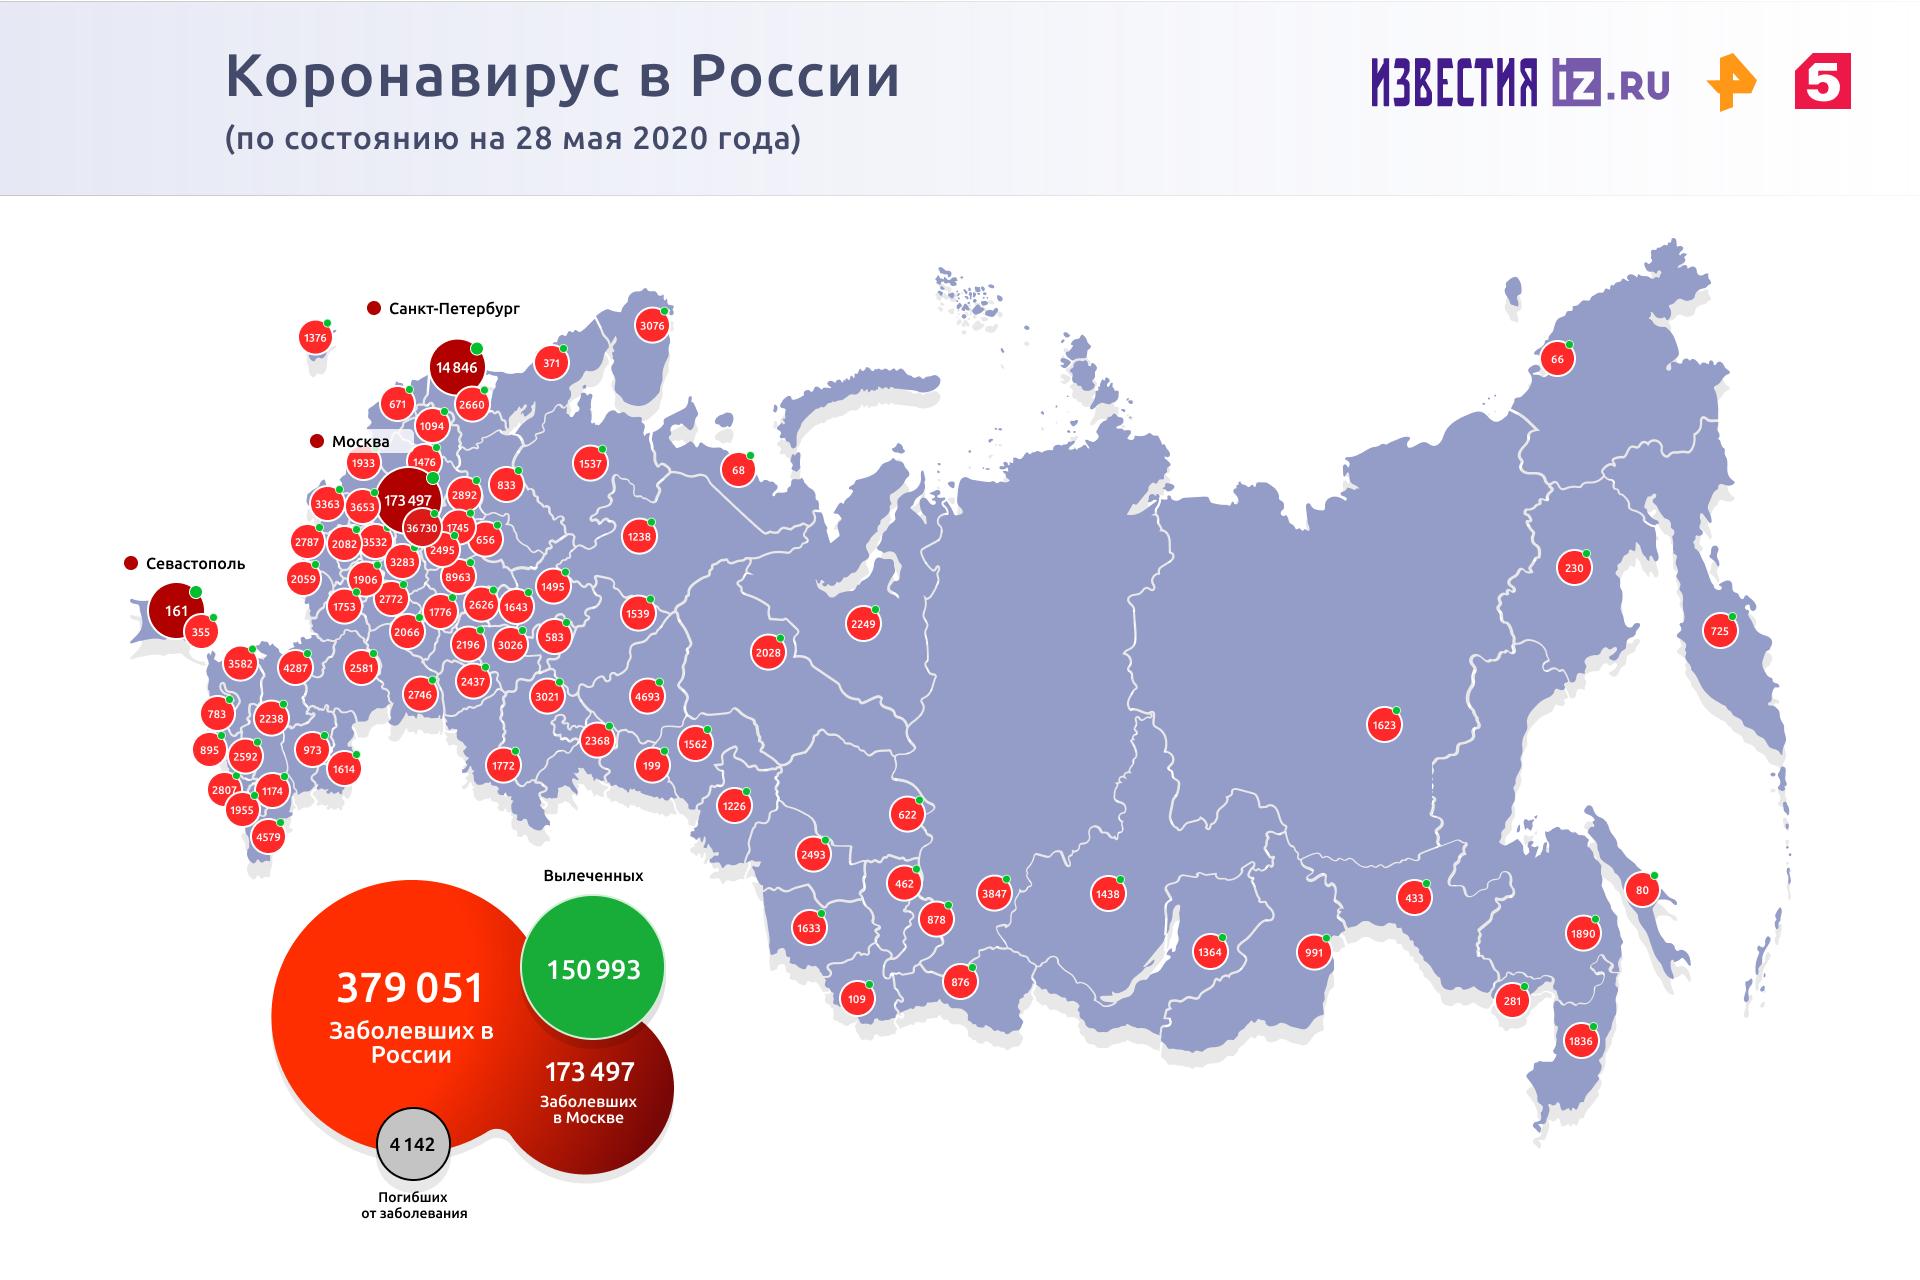 8371 новый случай коронавируса выявлен в России за сутки